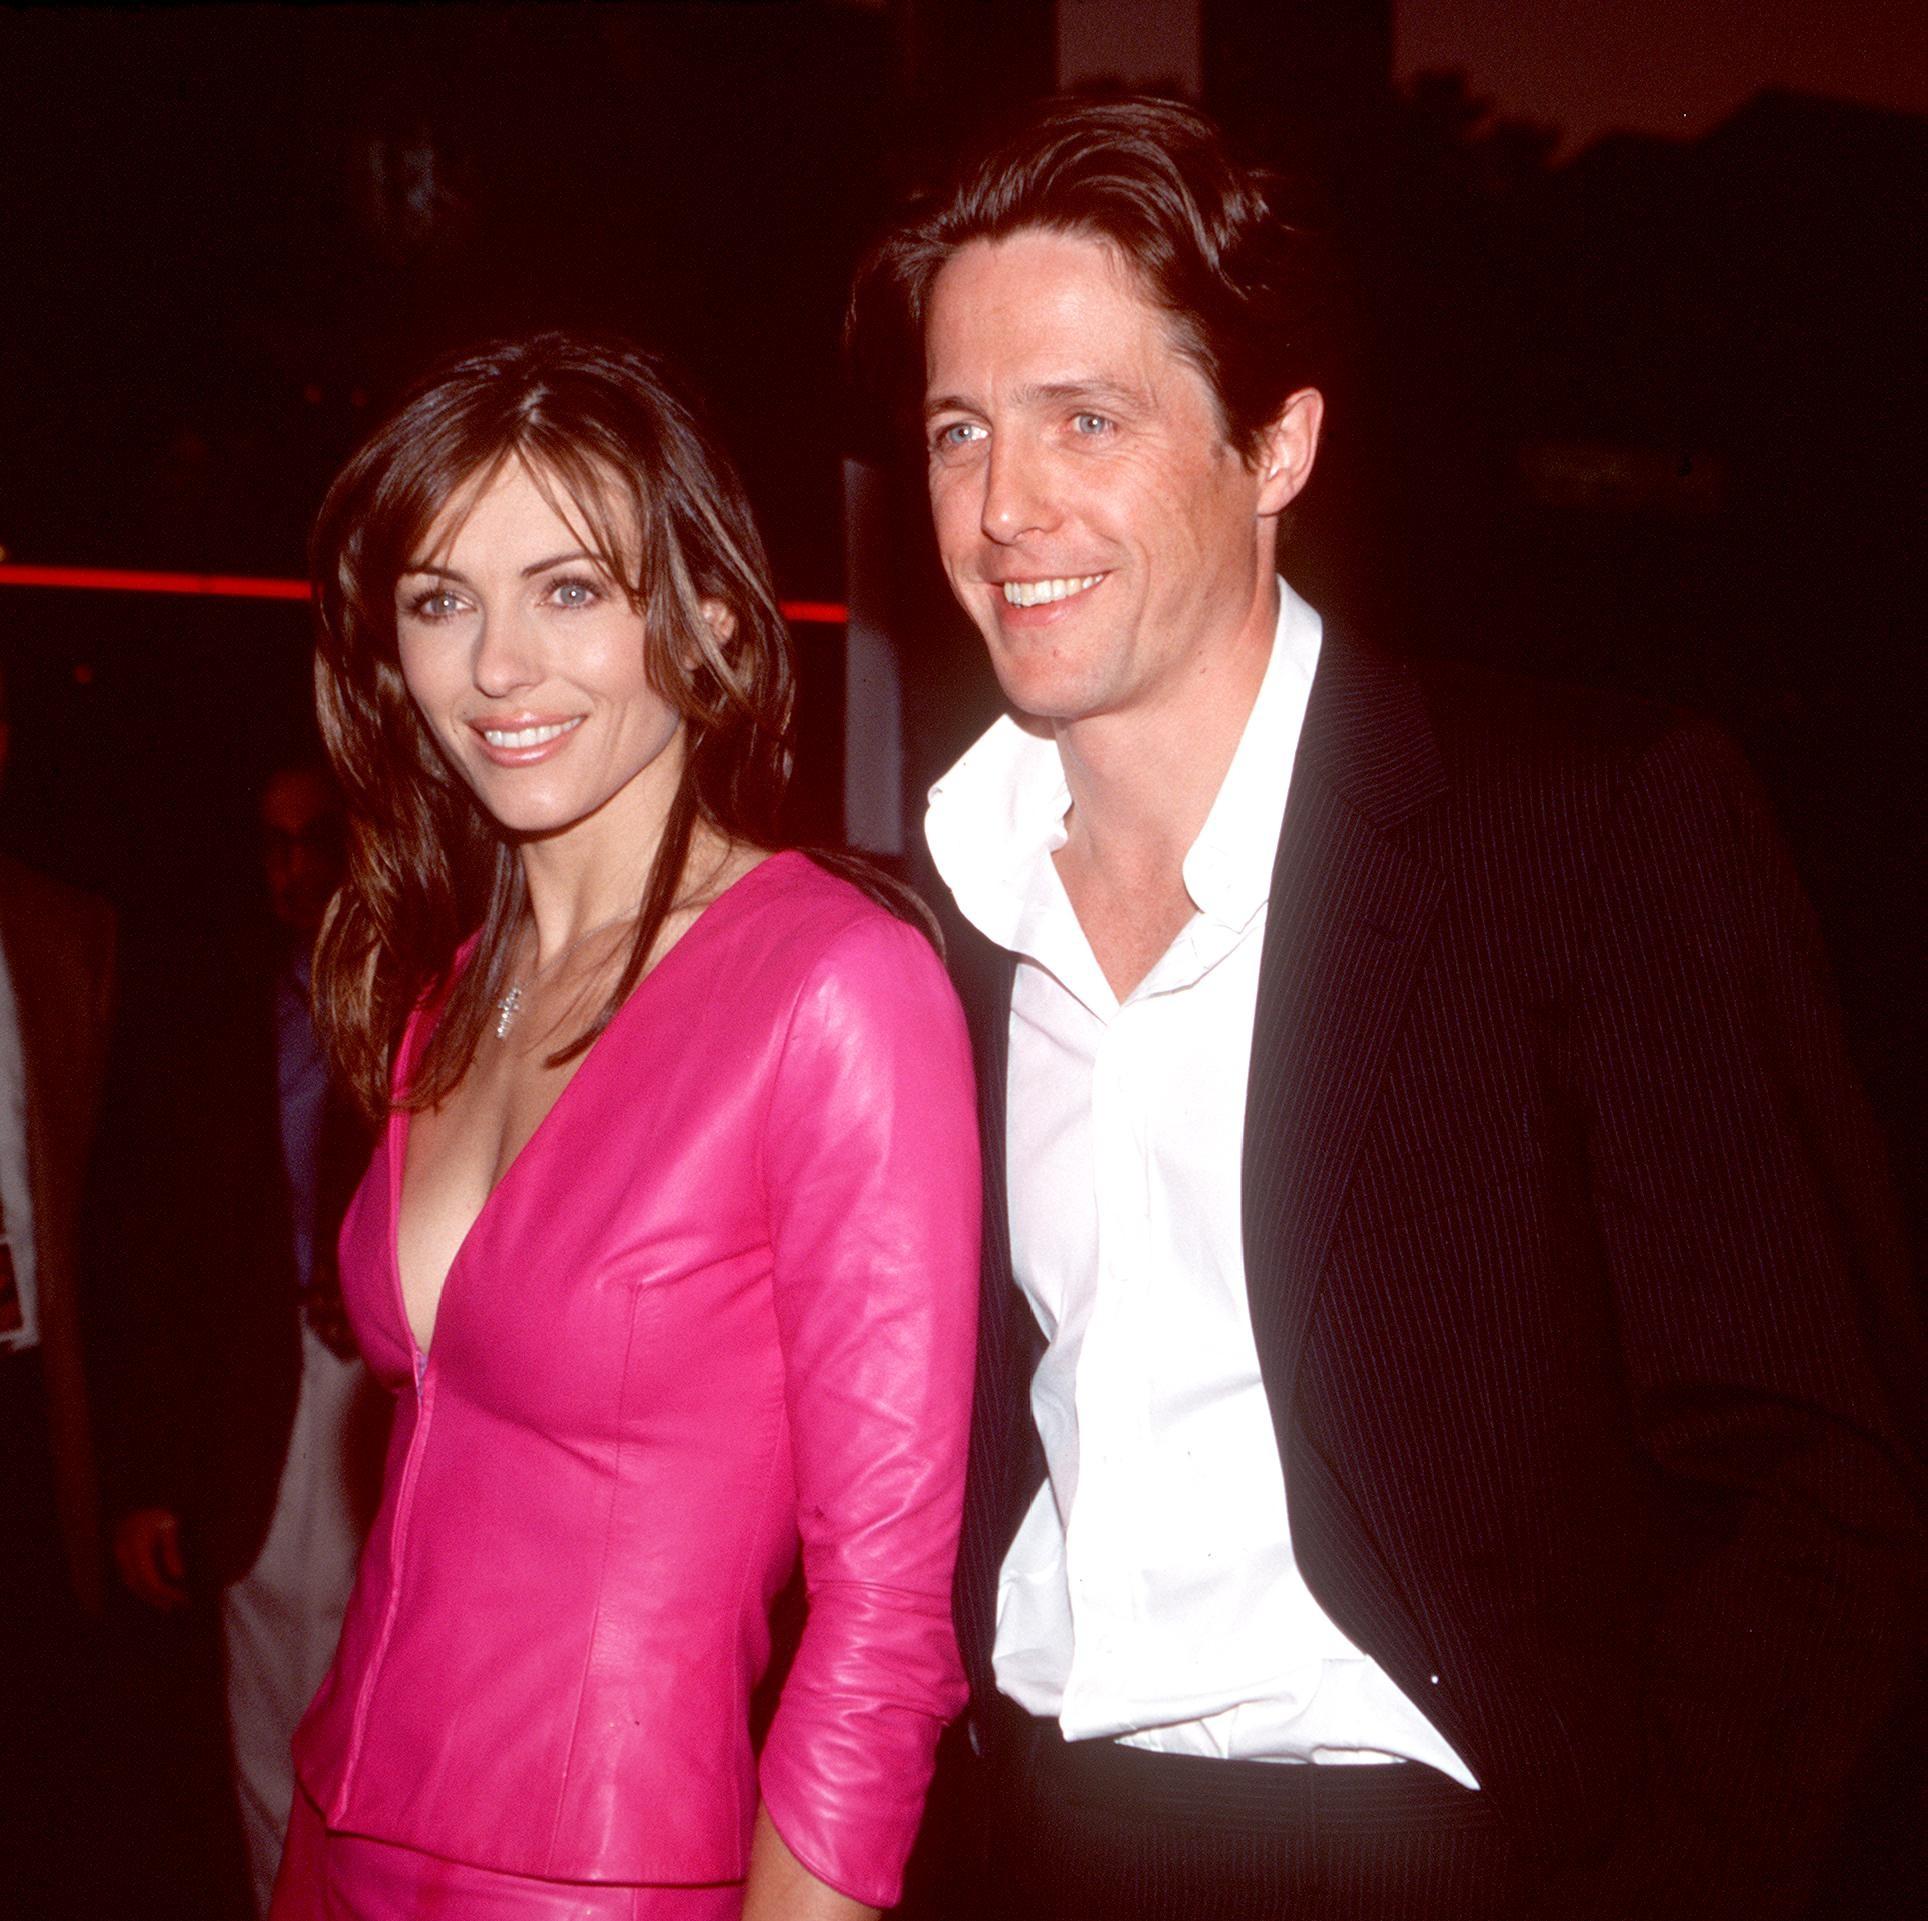 Elizabeth Hurley e Hugh Grant em um evento no ano 2000 (Foto: Getty Images)